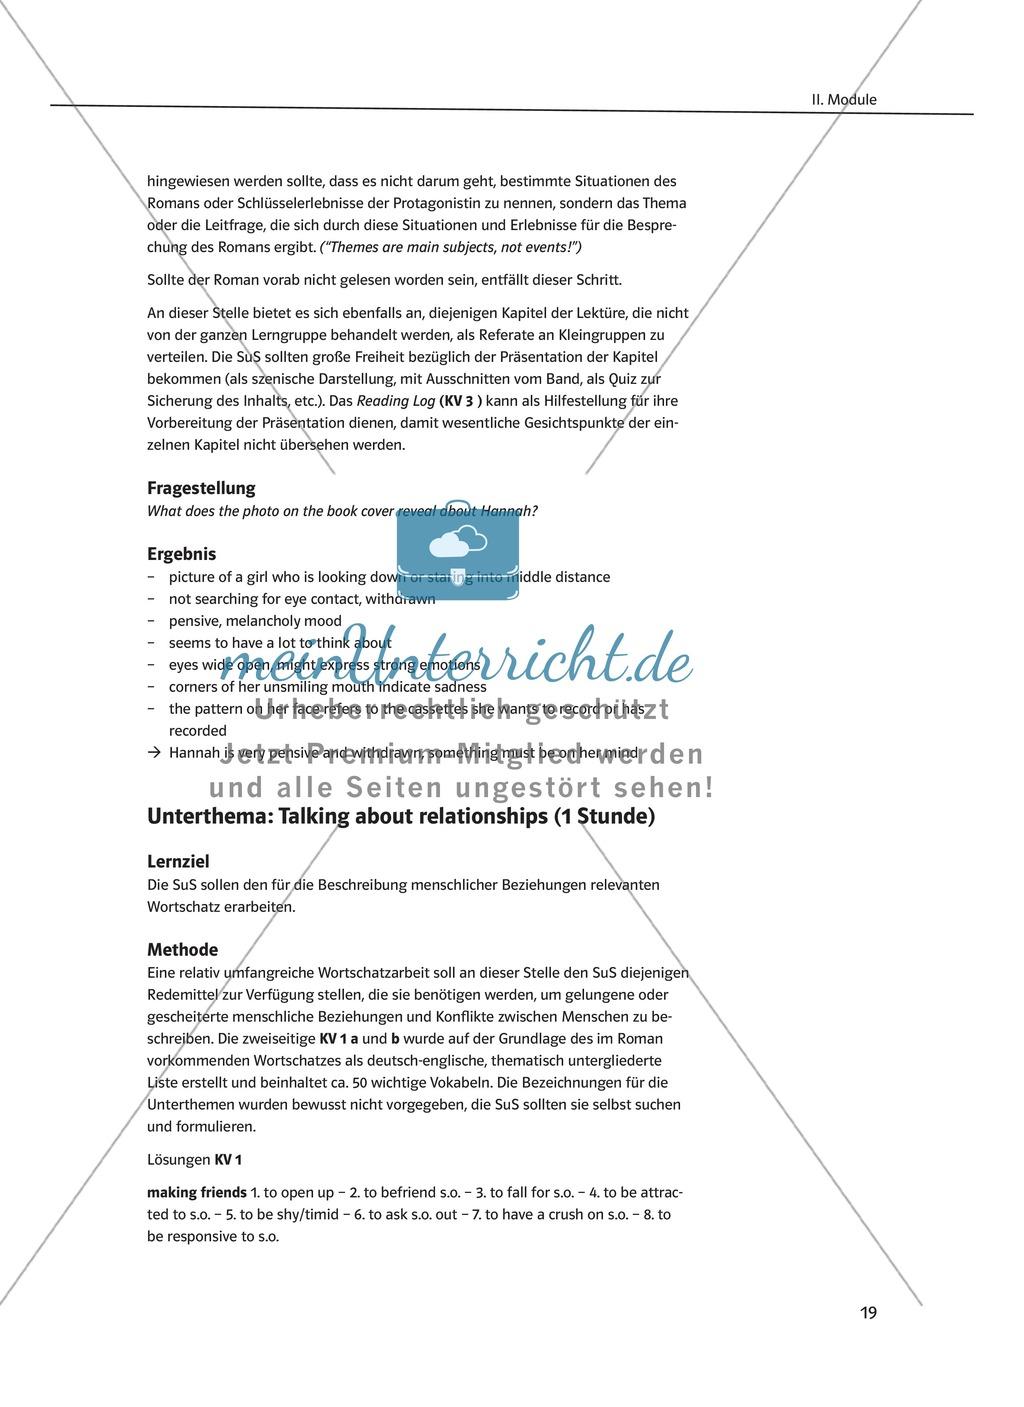 Pre-reading activities: Einstieg in die Lektüre + Lernziele + ...